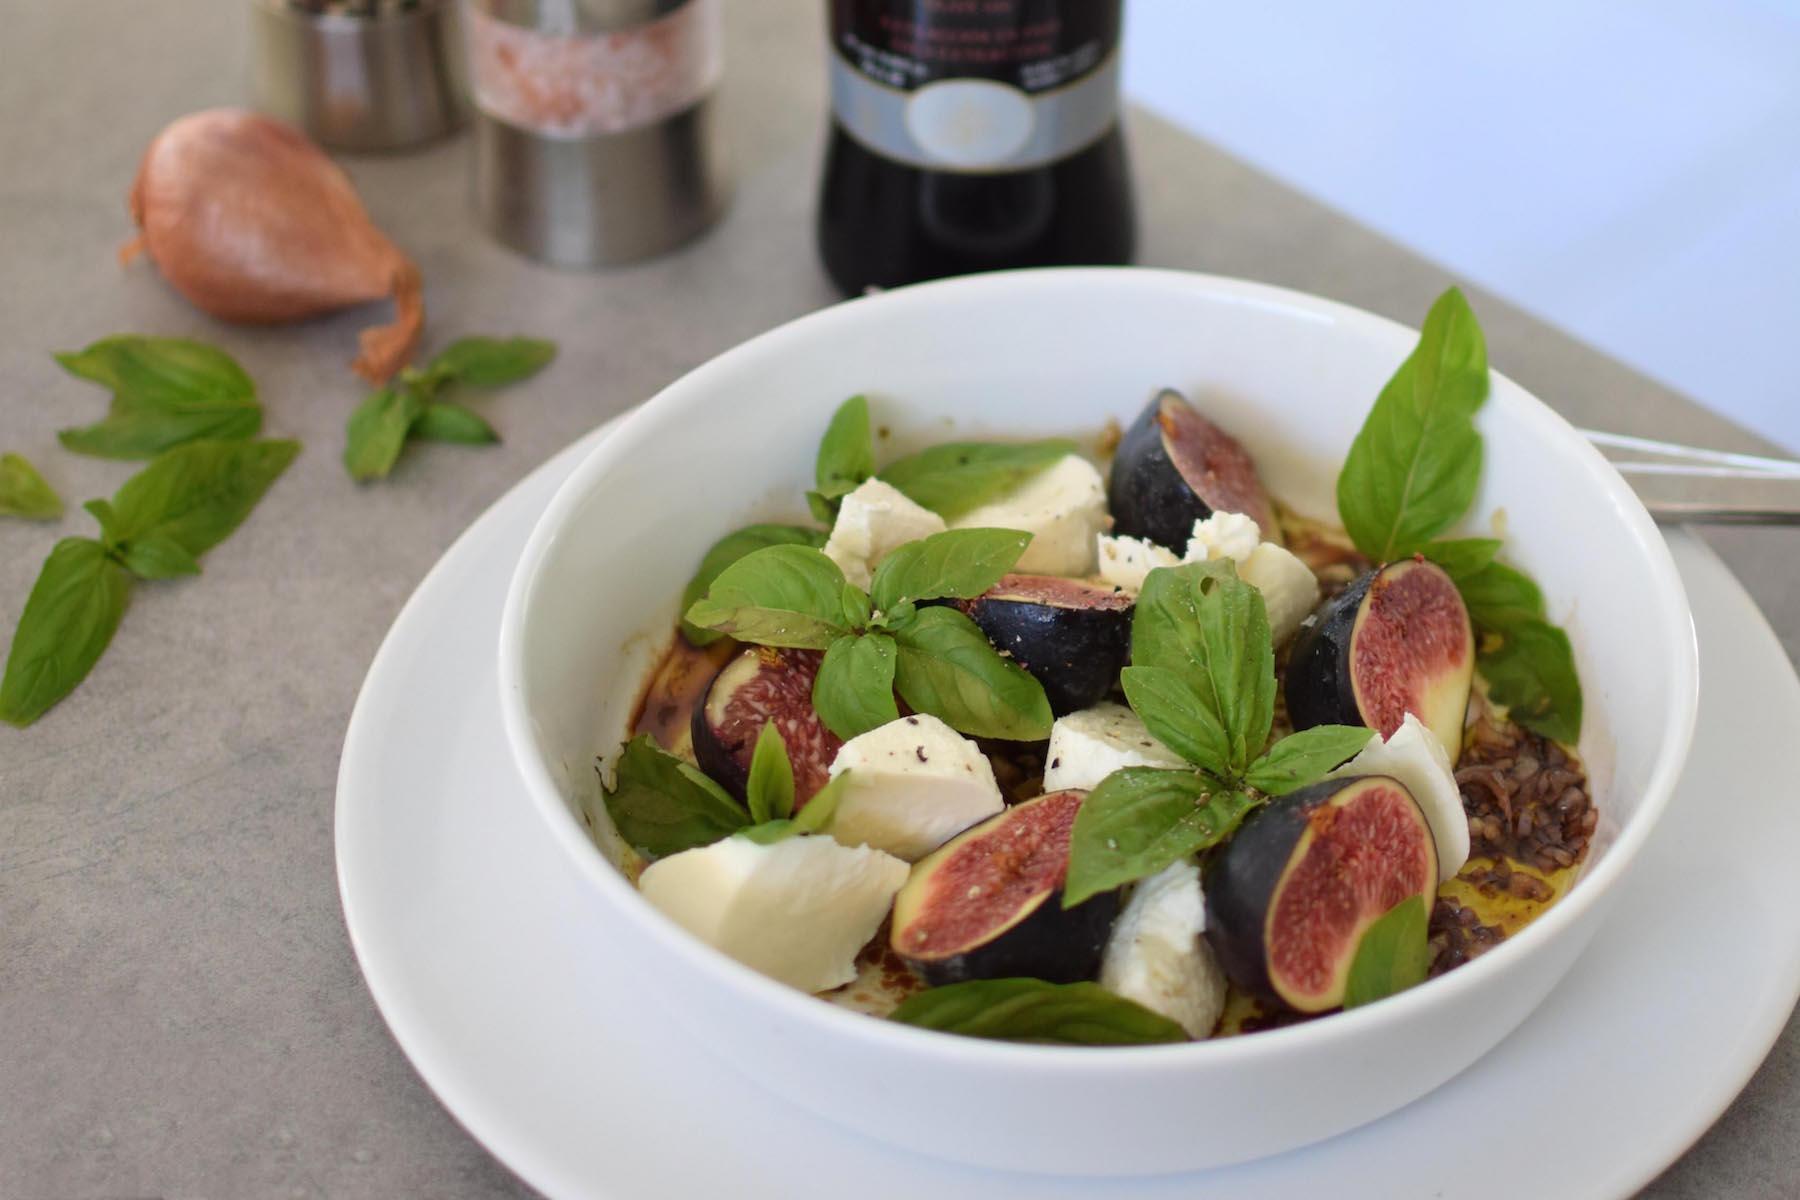 La salade de figues et mozza au basilic | LovaLinda |Blog Photo Cuisine Recettes Marseille